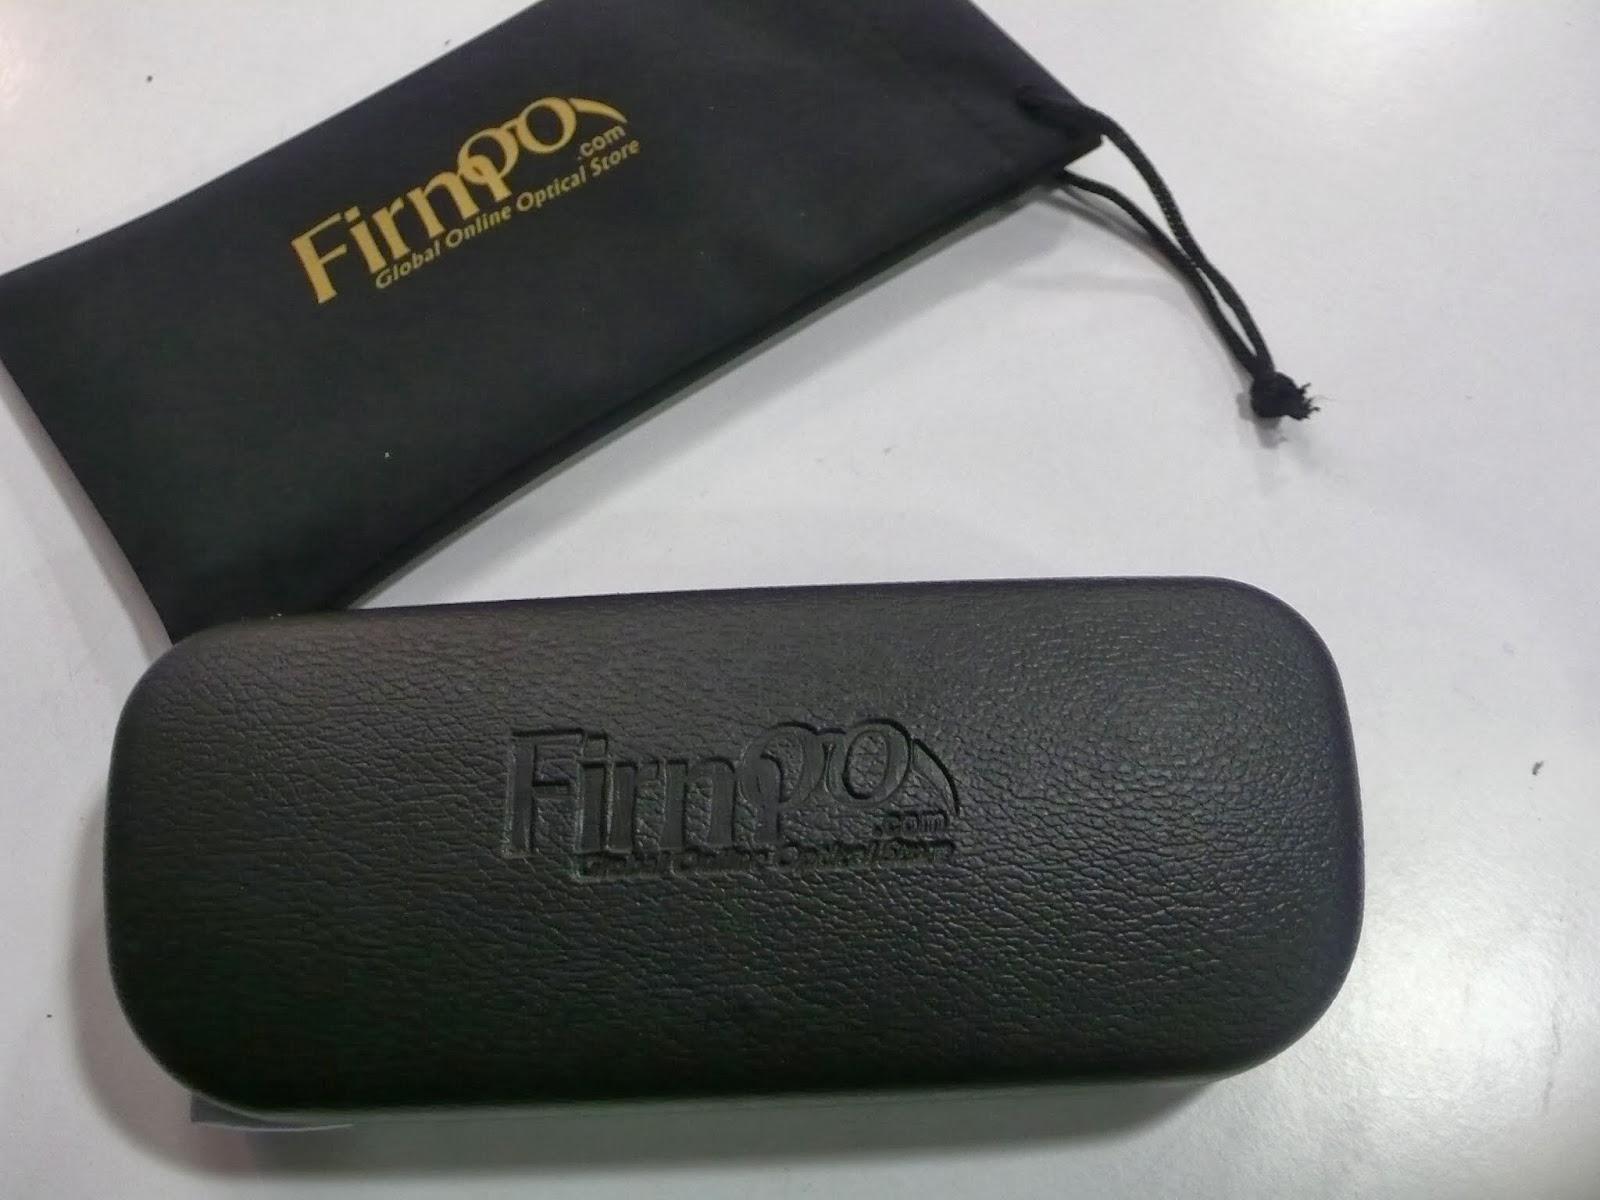 http://www.firmoo.com